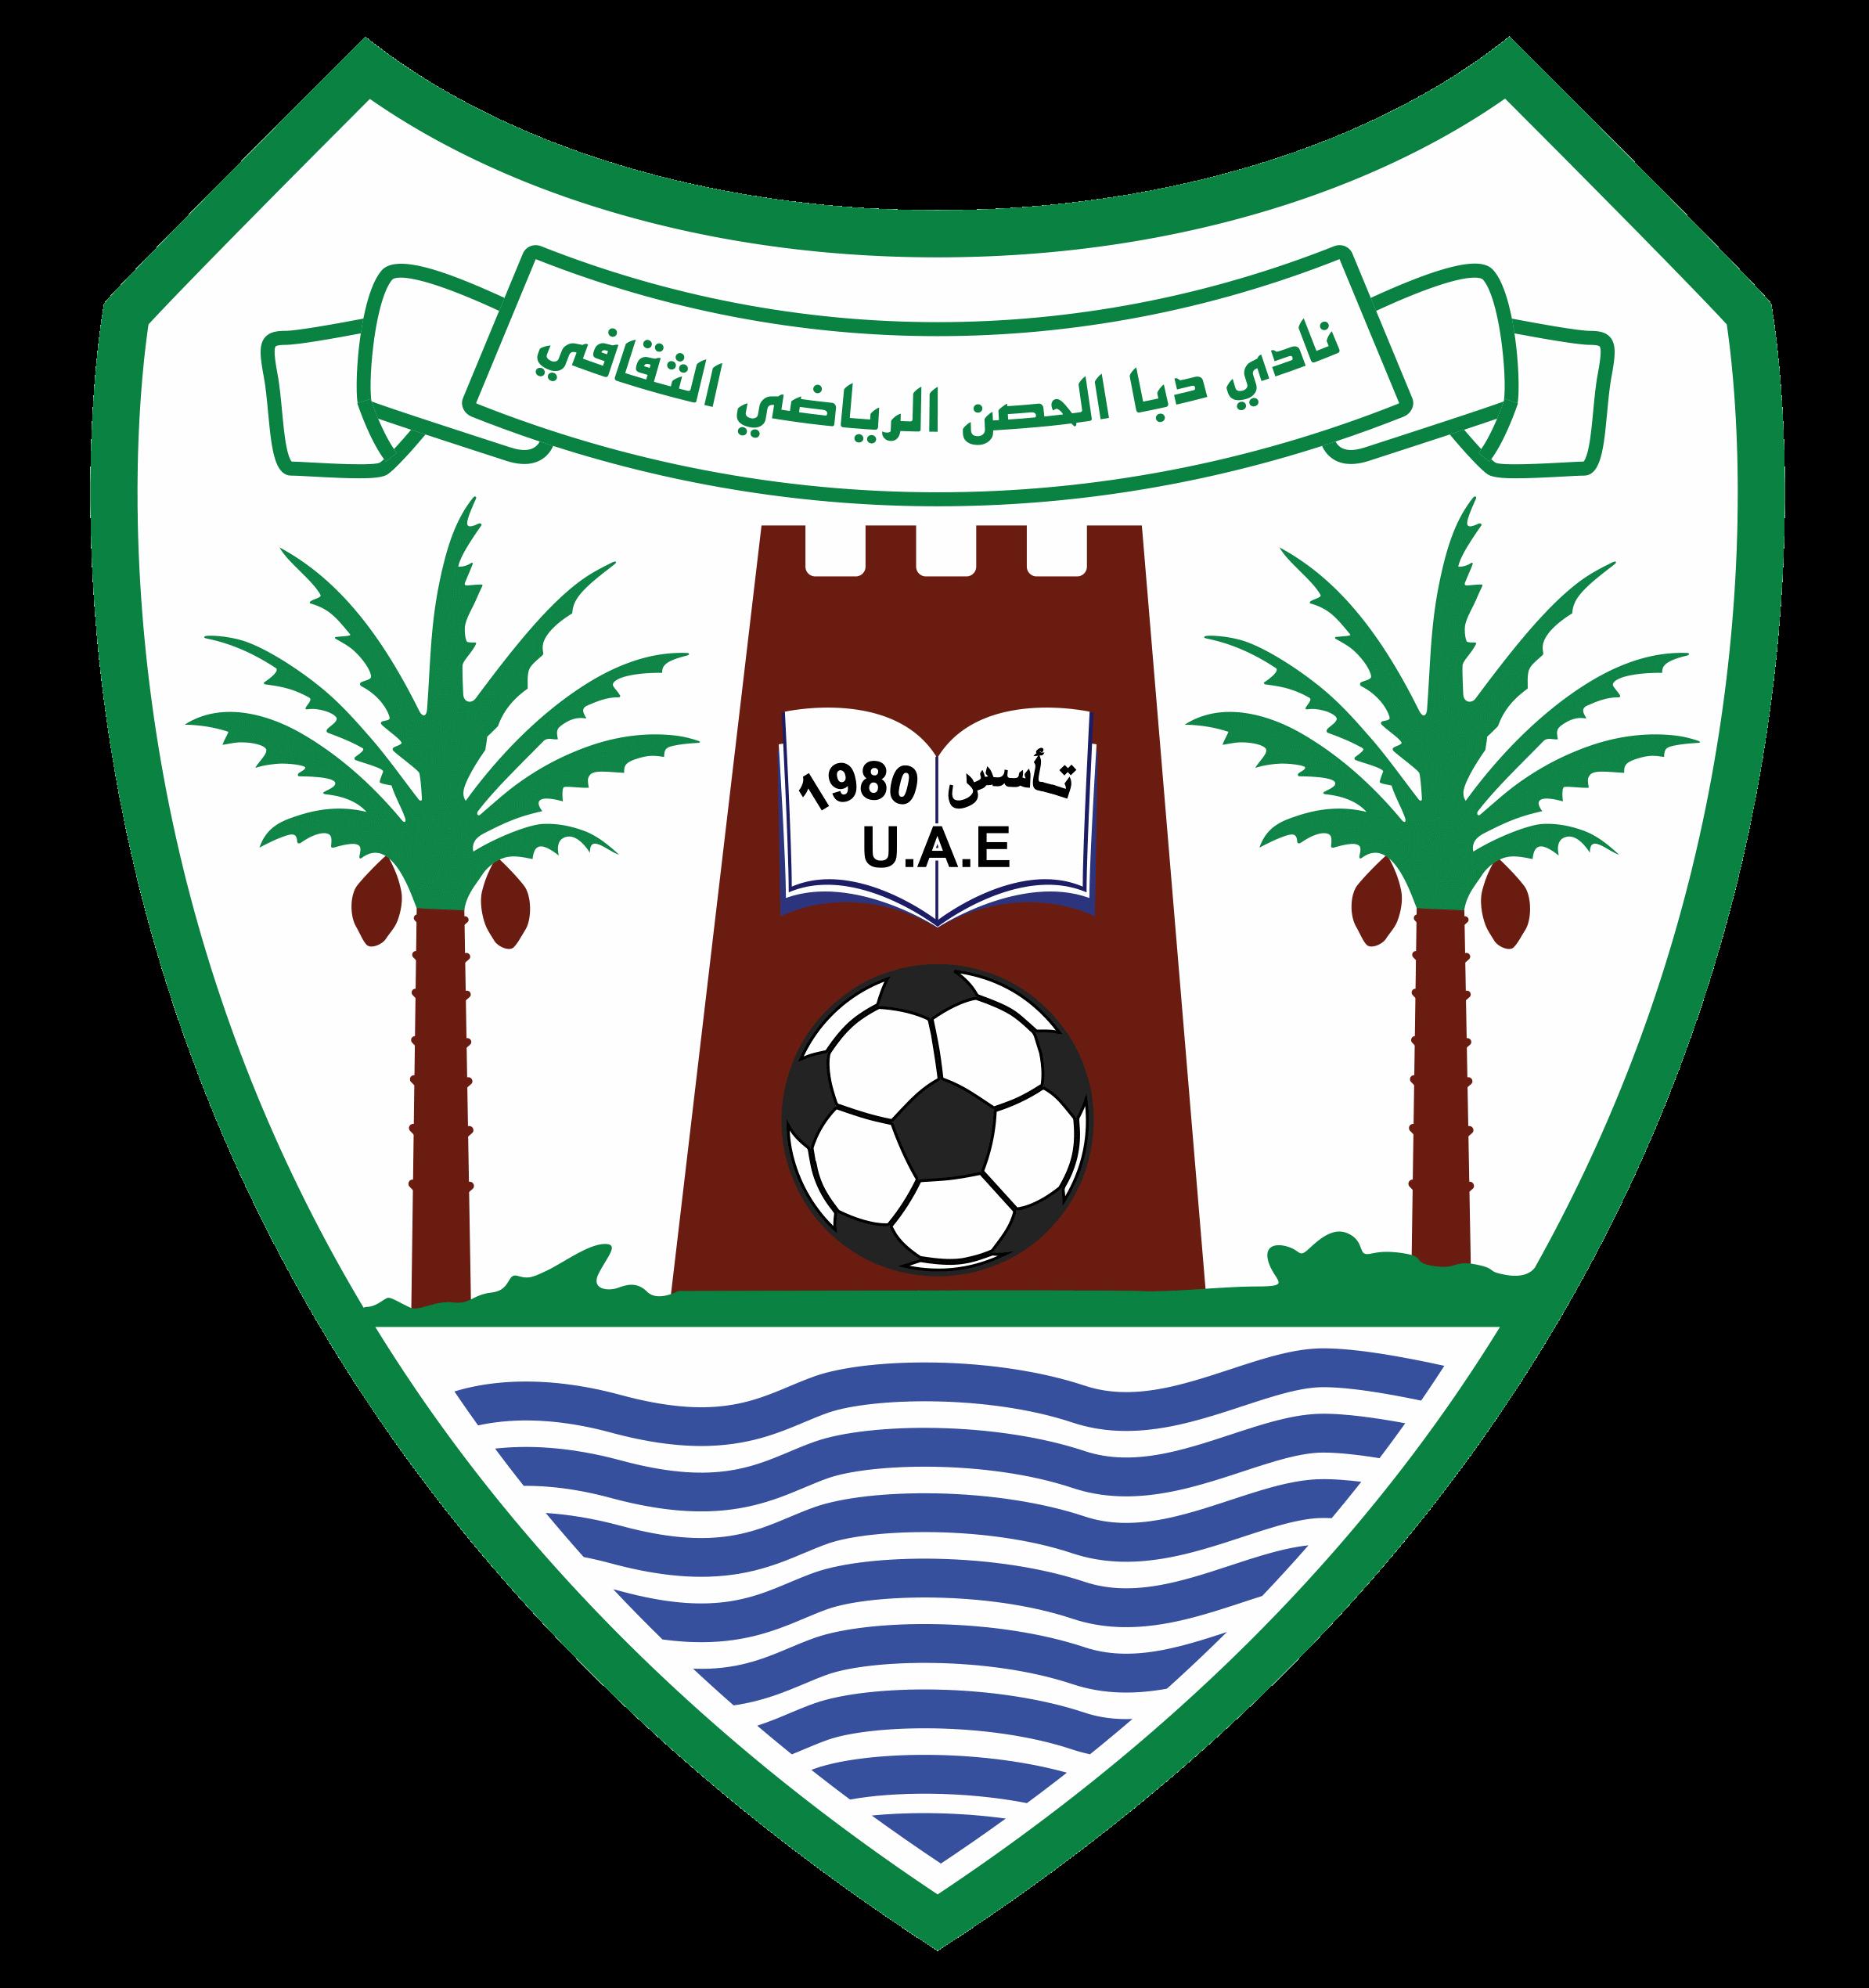 شعار نادي دبا الحصن